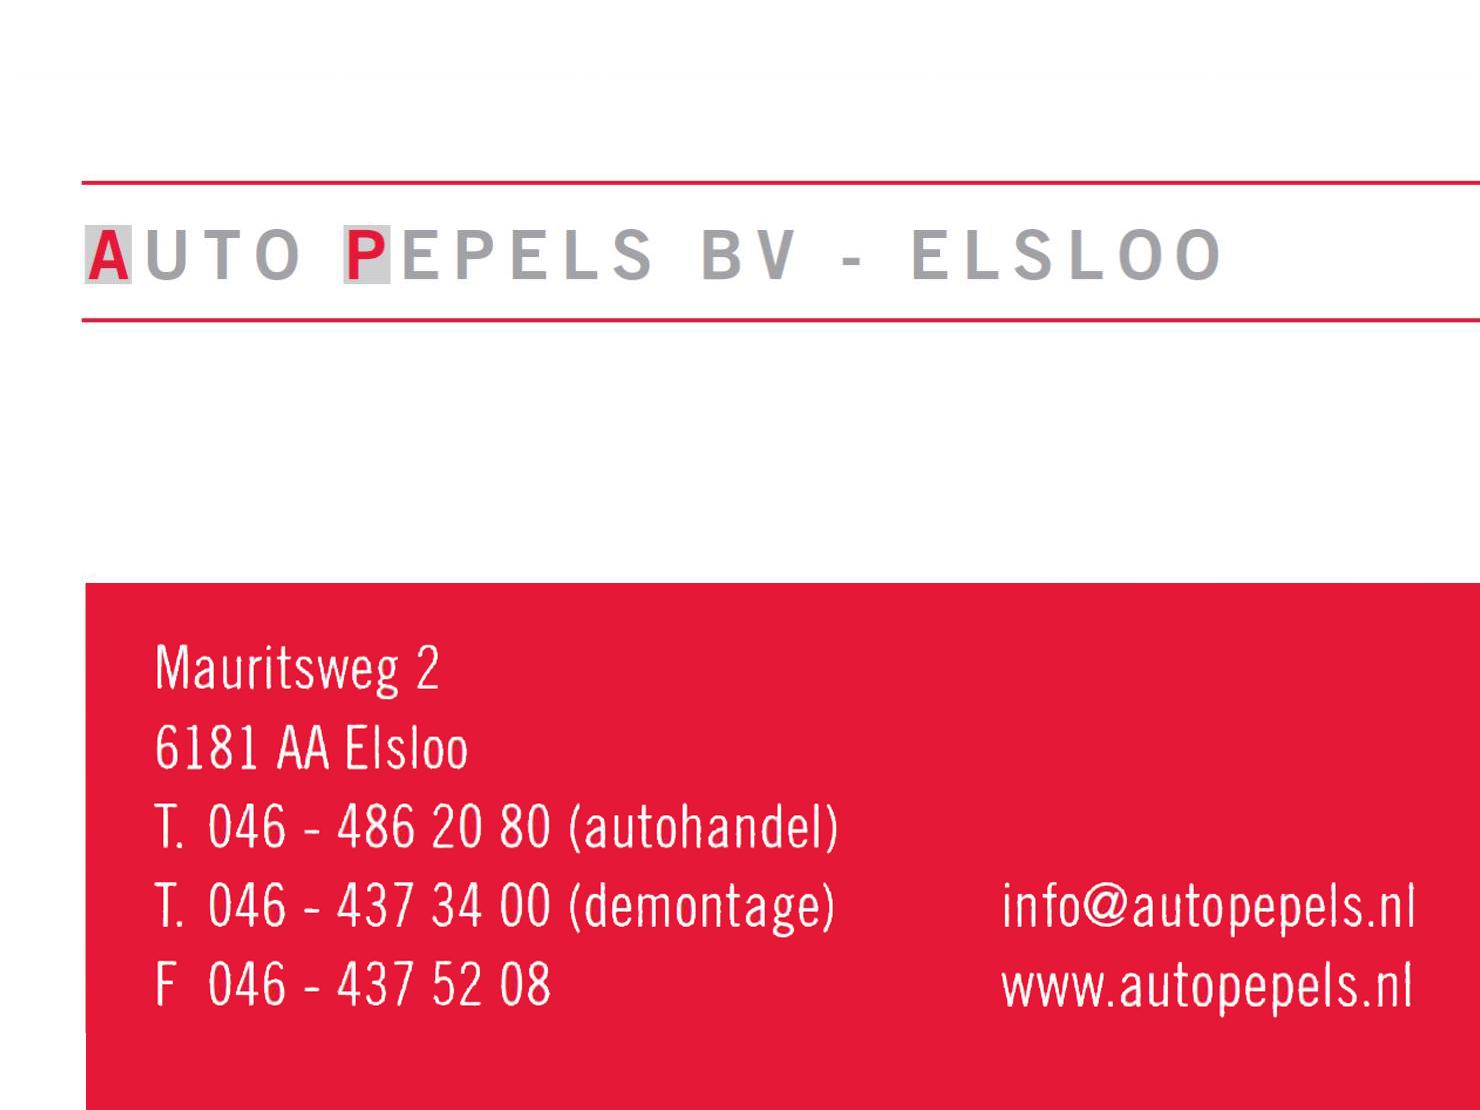 Auto Pepels B.V.